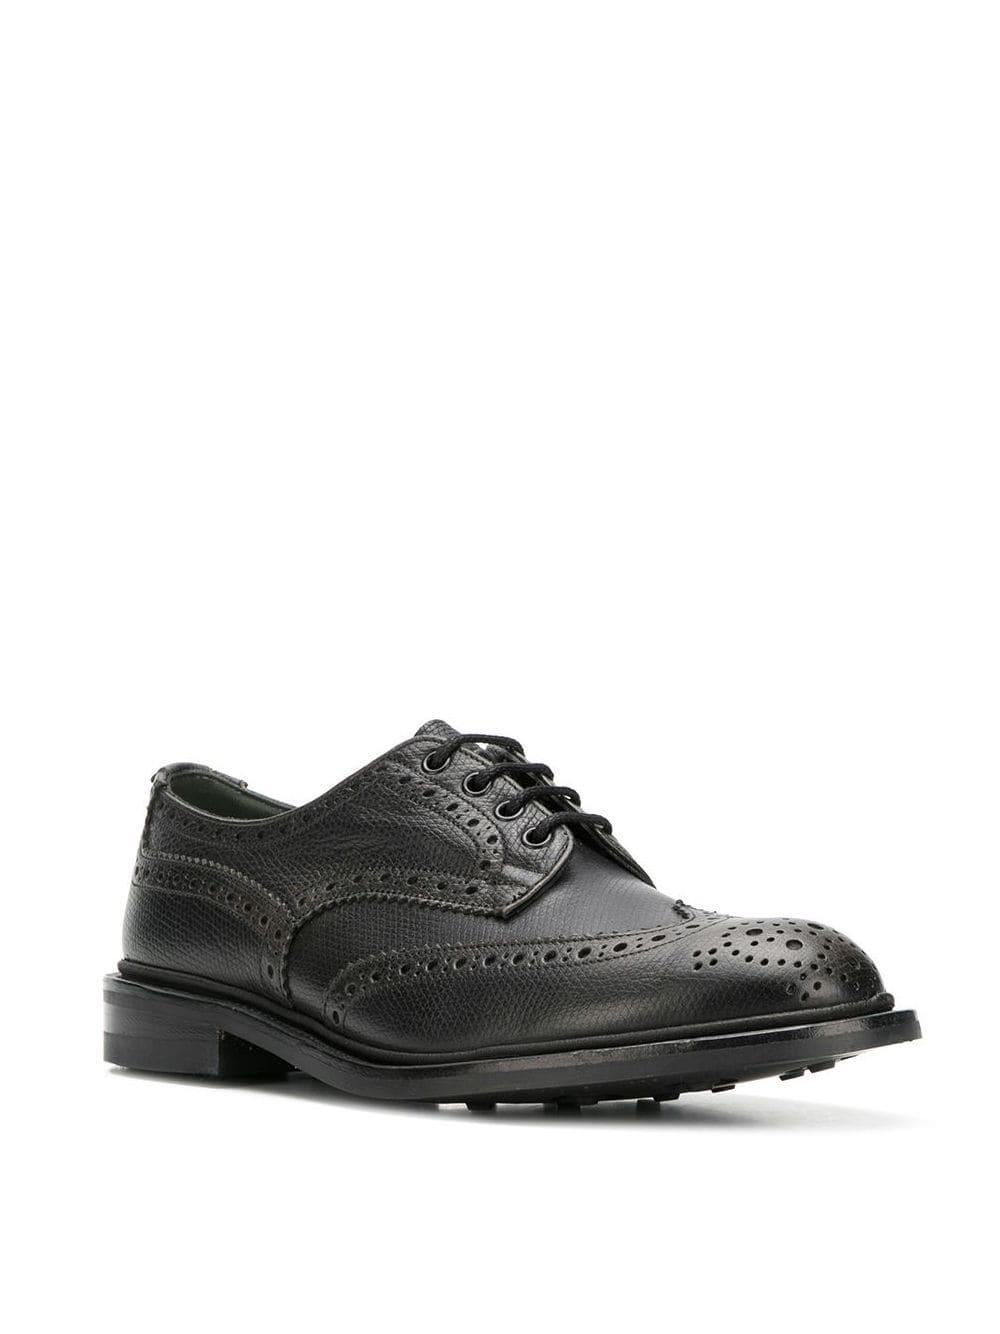 Zapatos derby Bourton Tricker's de Caucho de color Negro para hombre